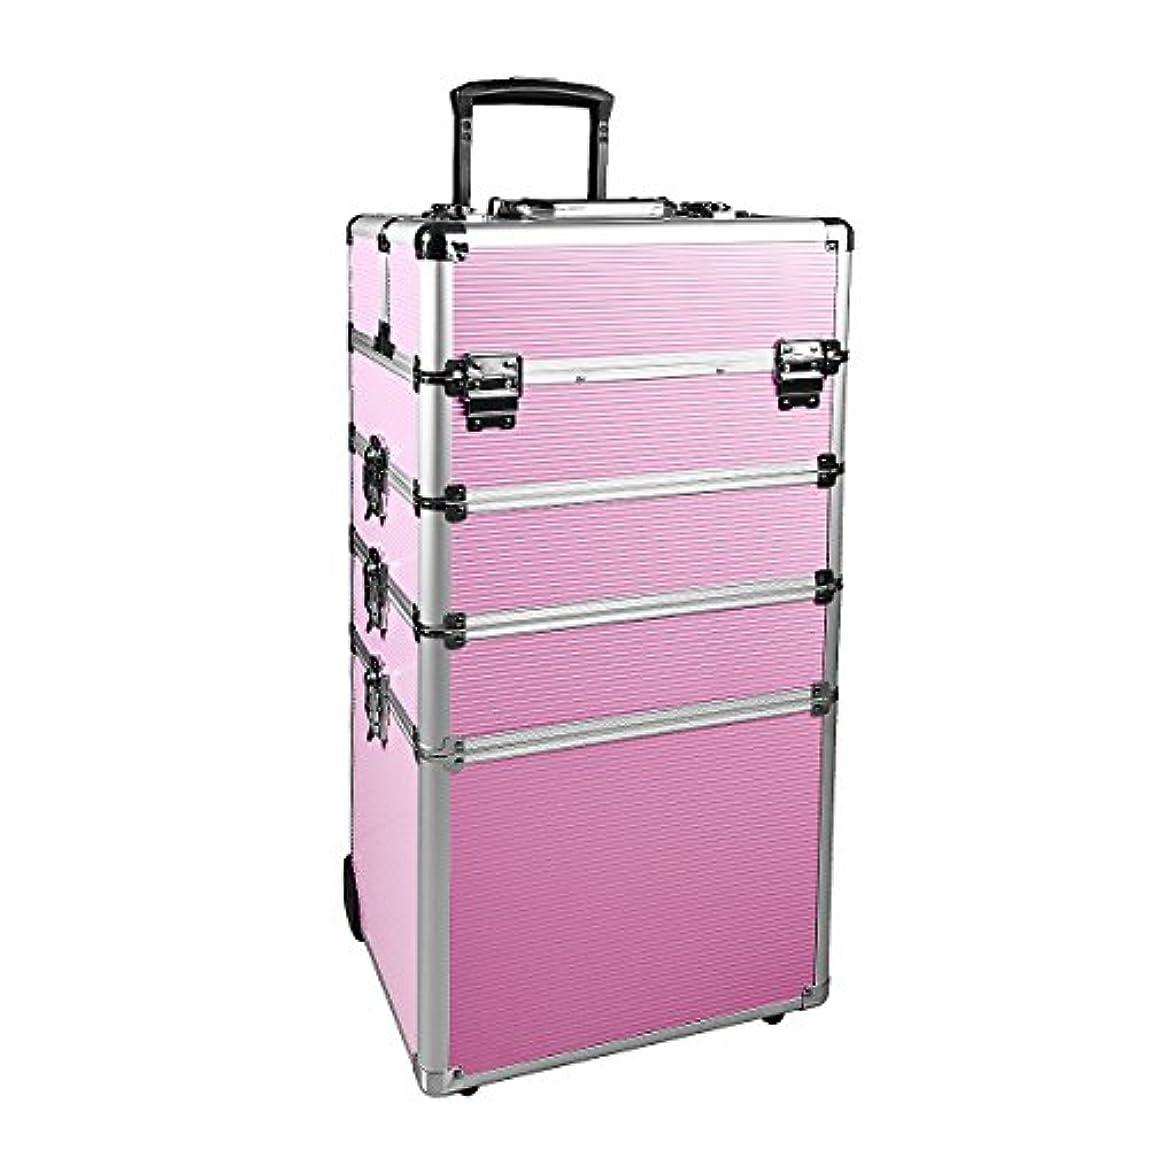 にじみ出る代わってフェードNHSM 1つ プロ 化粧品ローリング主催 アルミフレームと折りたたみトレイで化粧列車 ケース4 ピンク